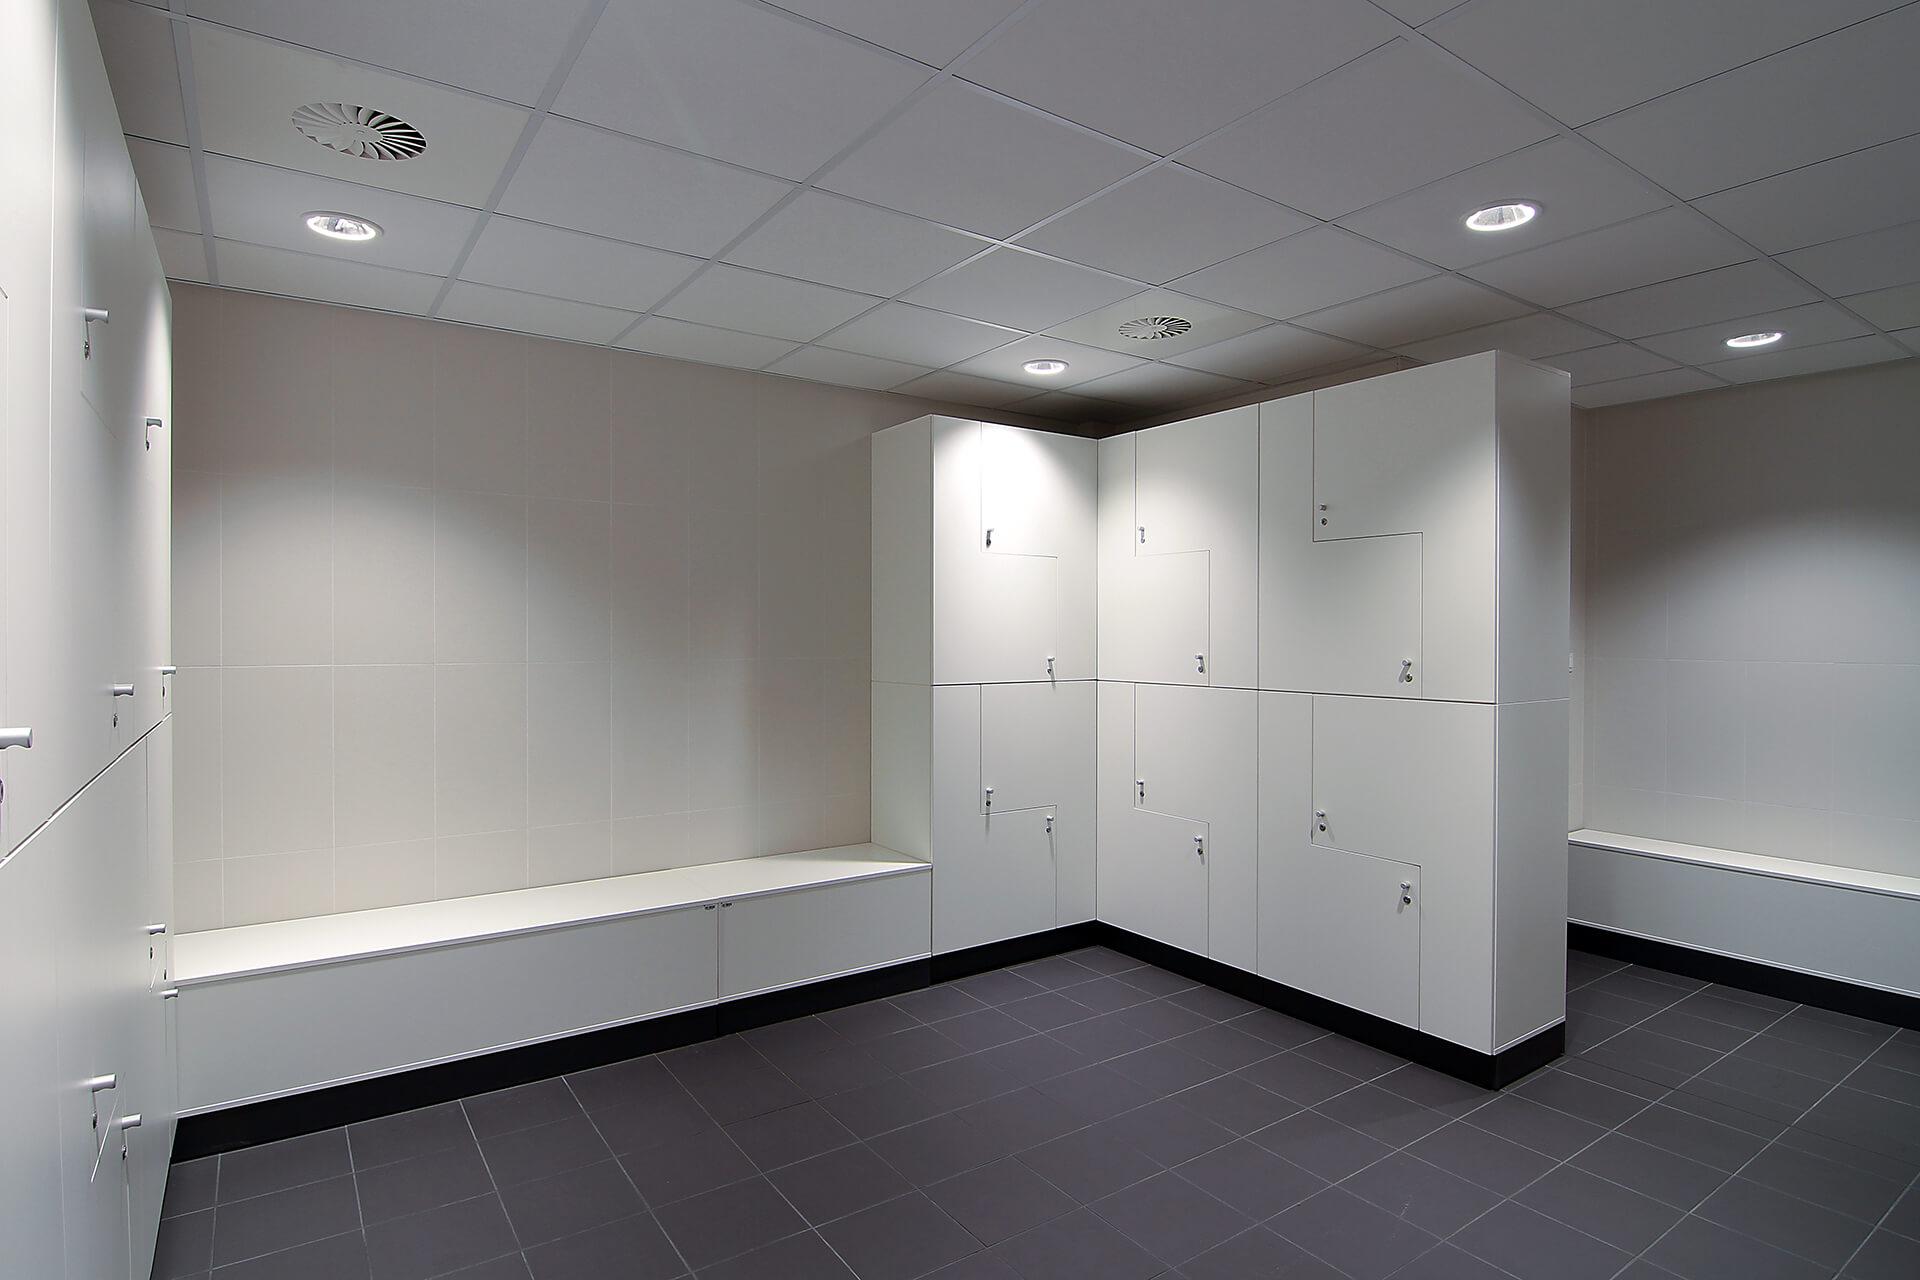 Hala Sportowa AWF Poznań - Pojekt wnętrz architektów Neostudio